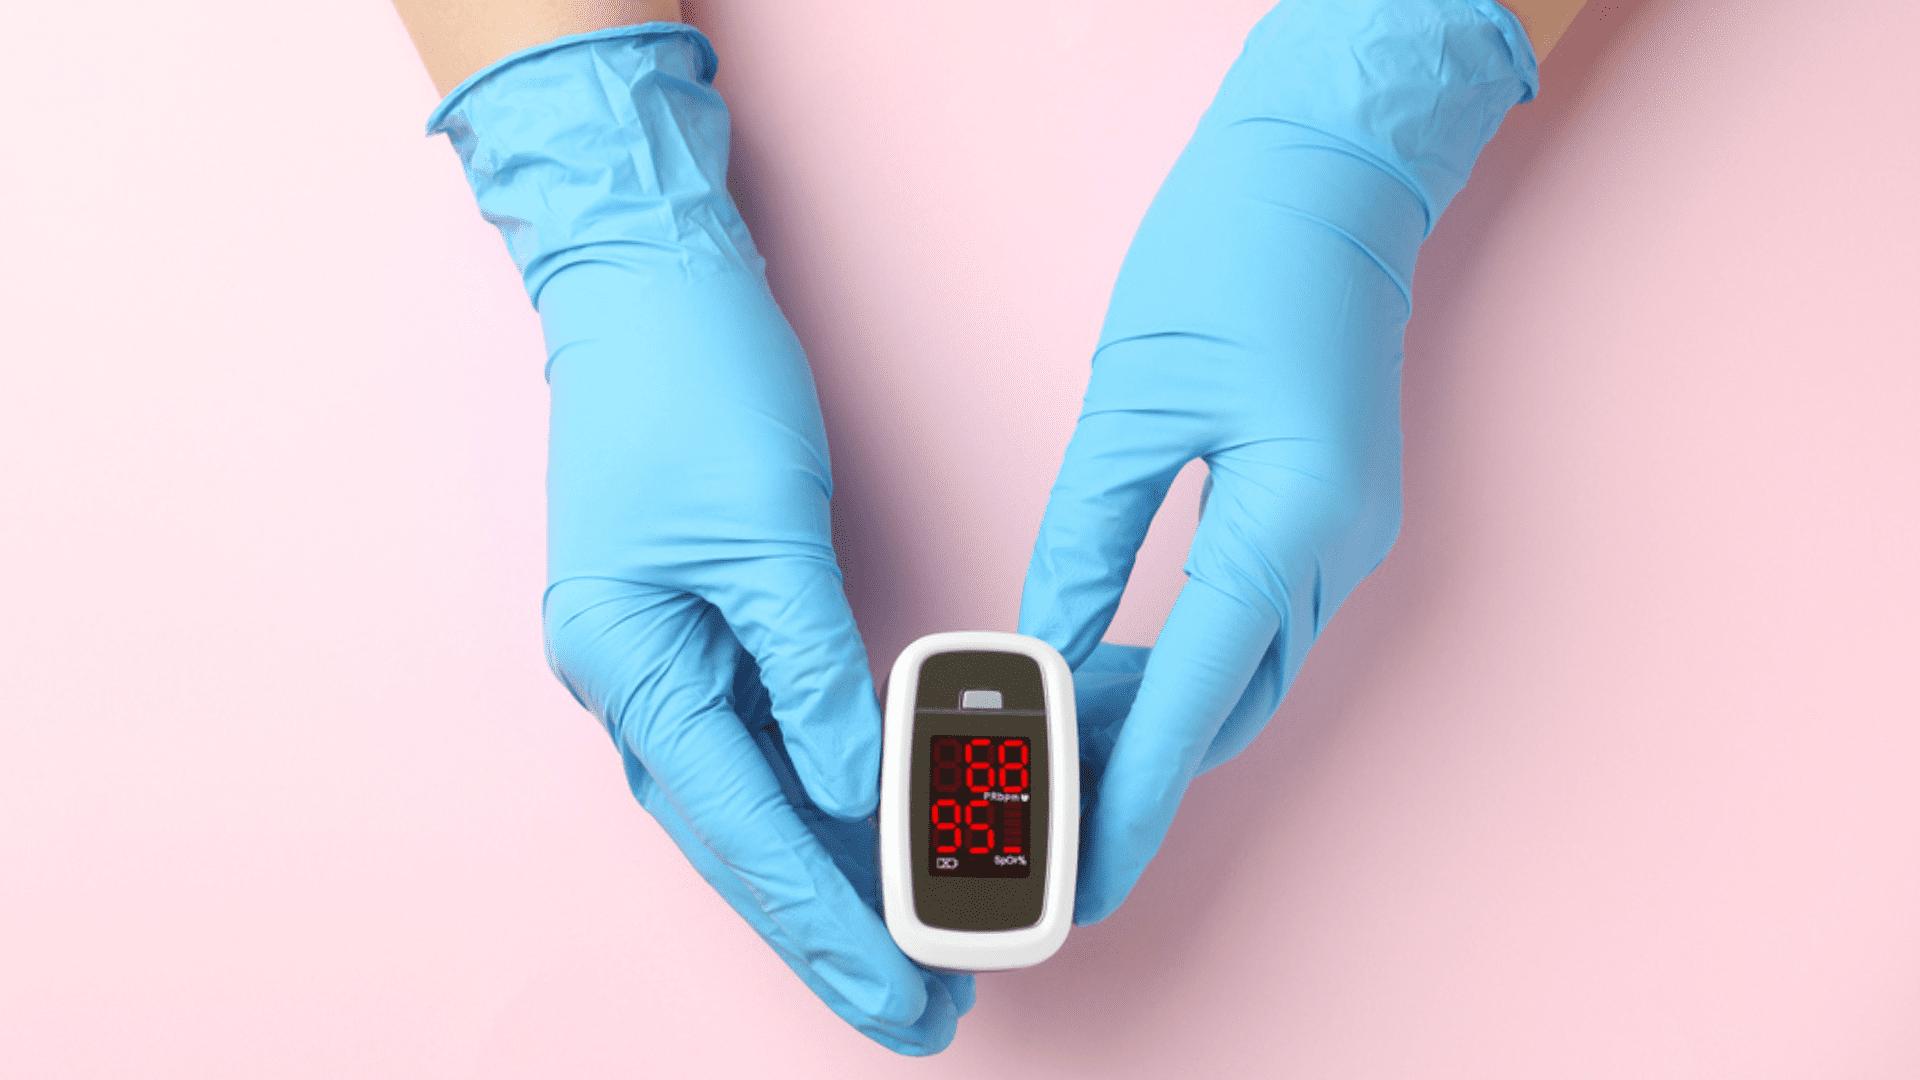 O oxímetro também pode ler a frequência cardíaca (Imagem: Reprodução/Shutterstock)